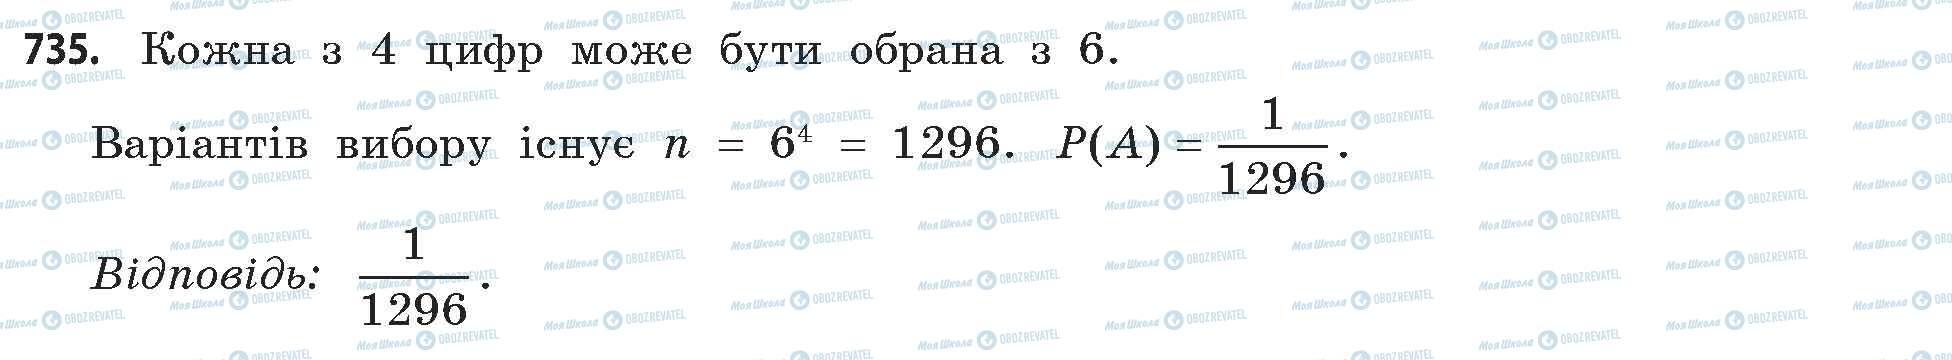 ГДЗ Математика 11 класс страница 735